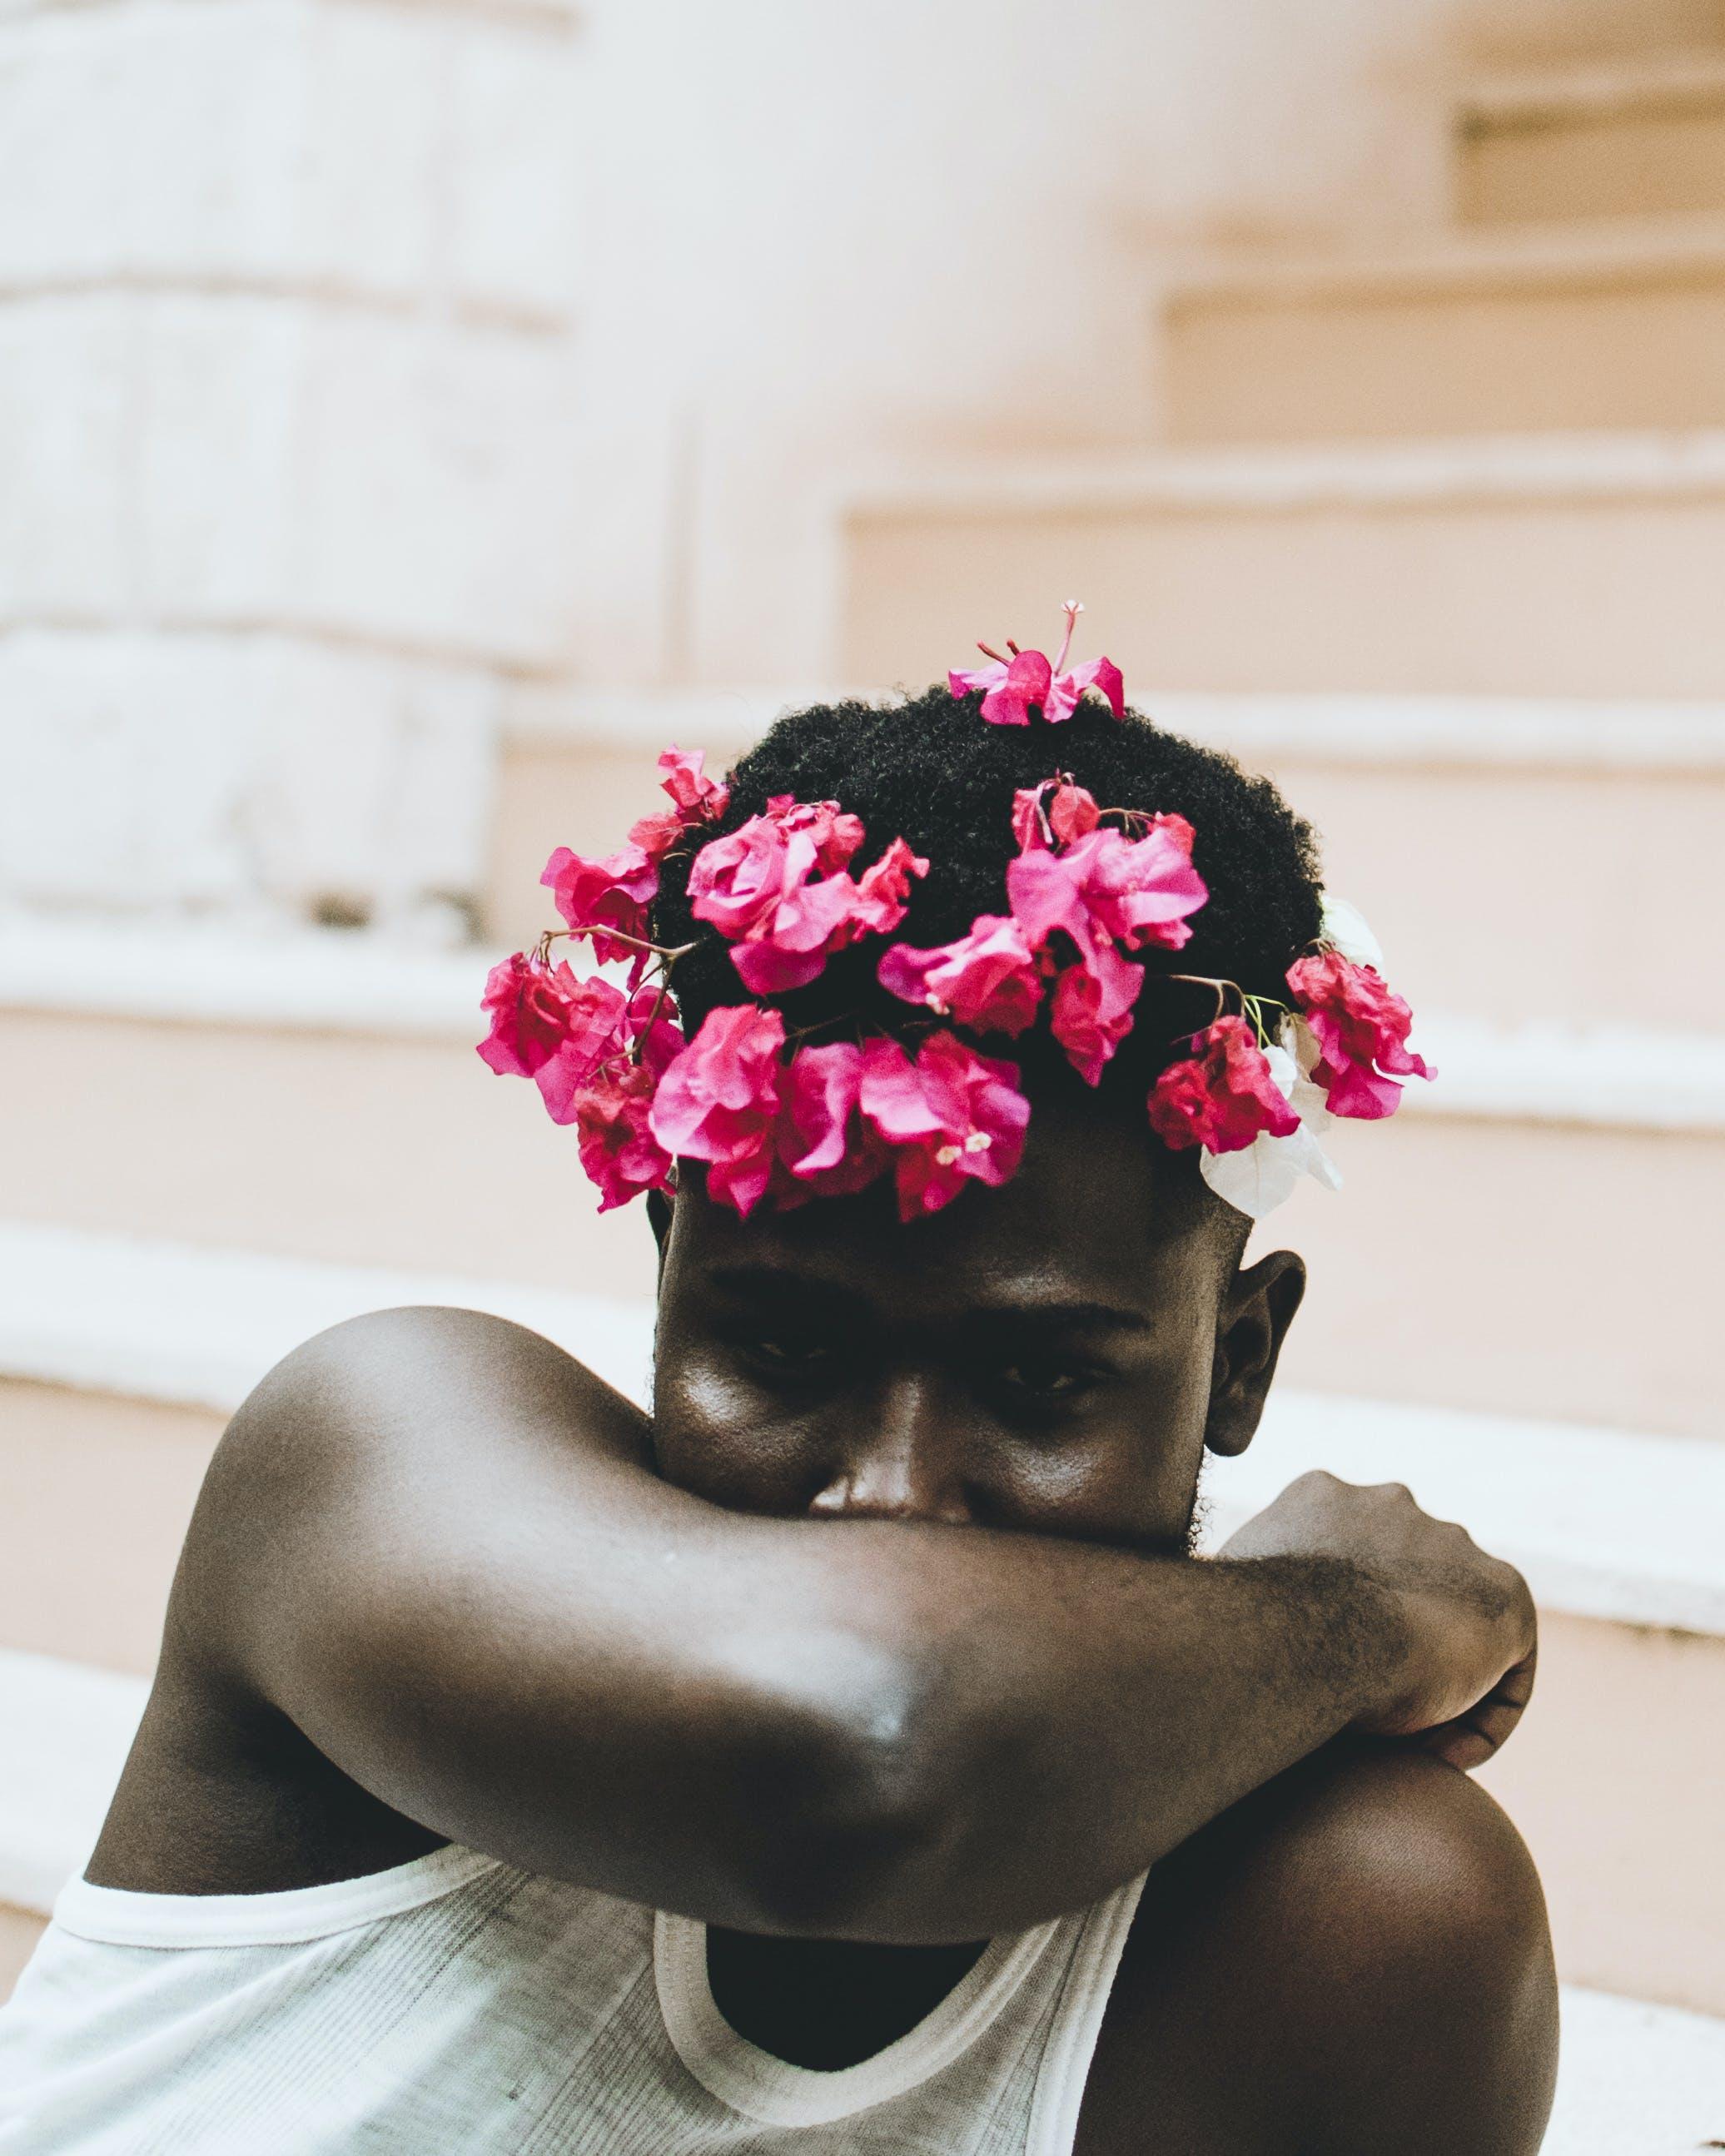 Kostenloses Stock Foto zu afroamerikanischer mann, blumen, blumenkrone, draußen